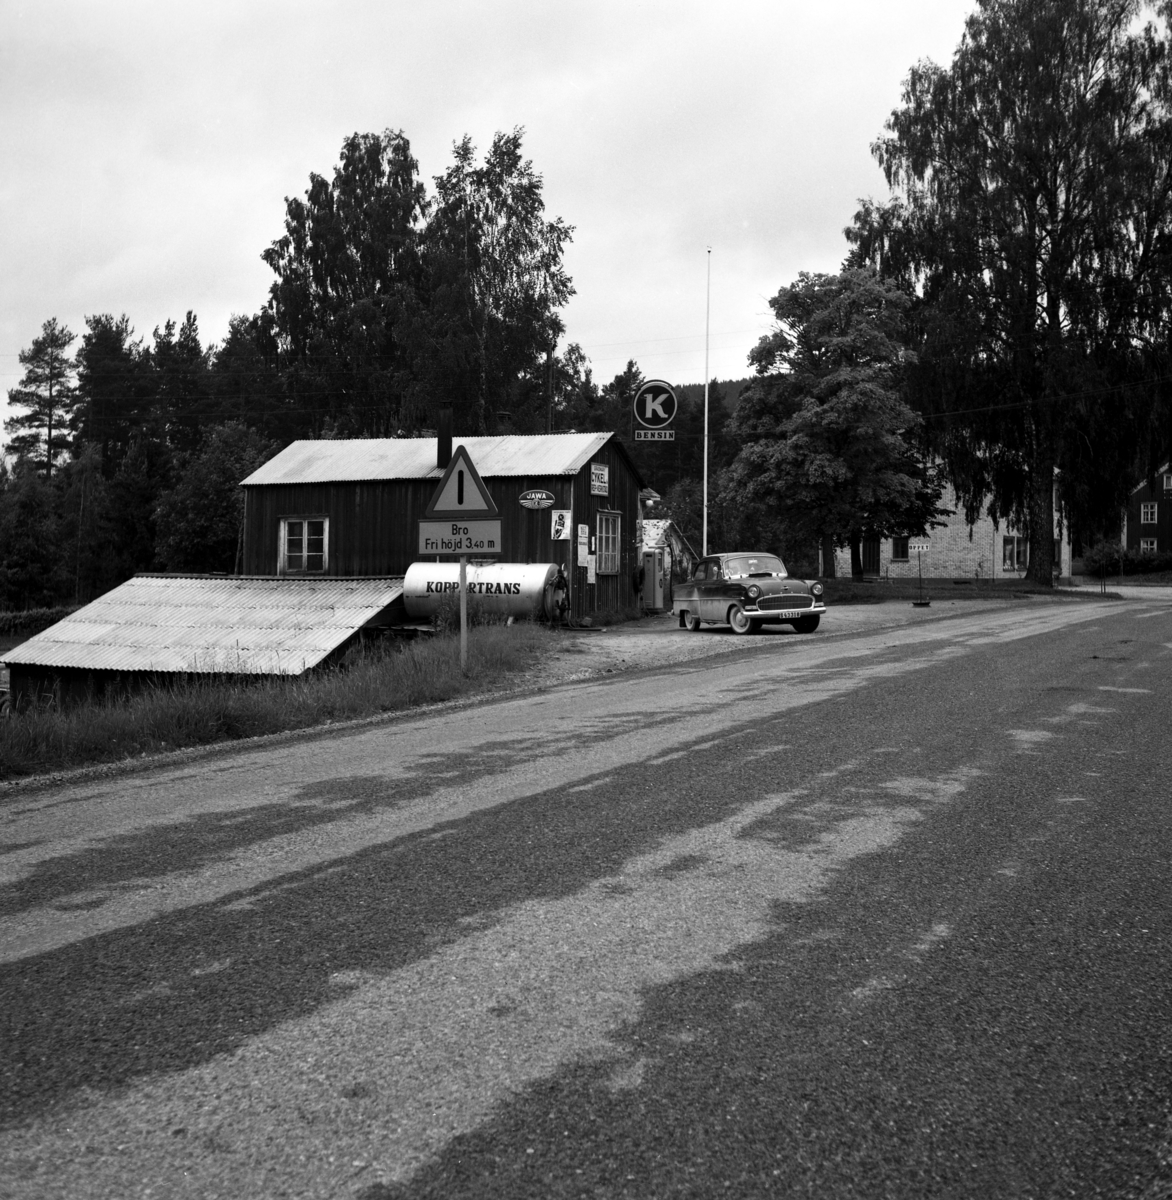 Någonstans i Värmland - från slutet av 1950-talet: Gräsmark. Lämna gärna en kommentar om du vet något om bilden.